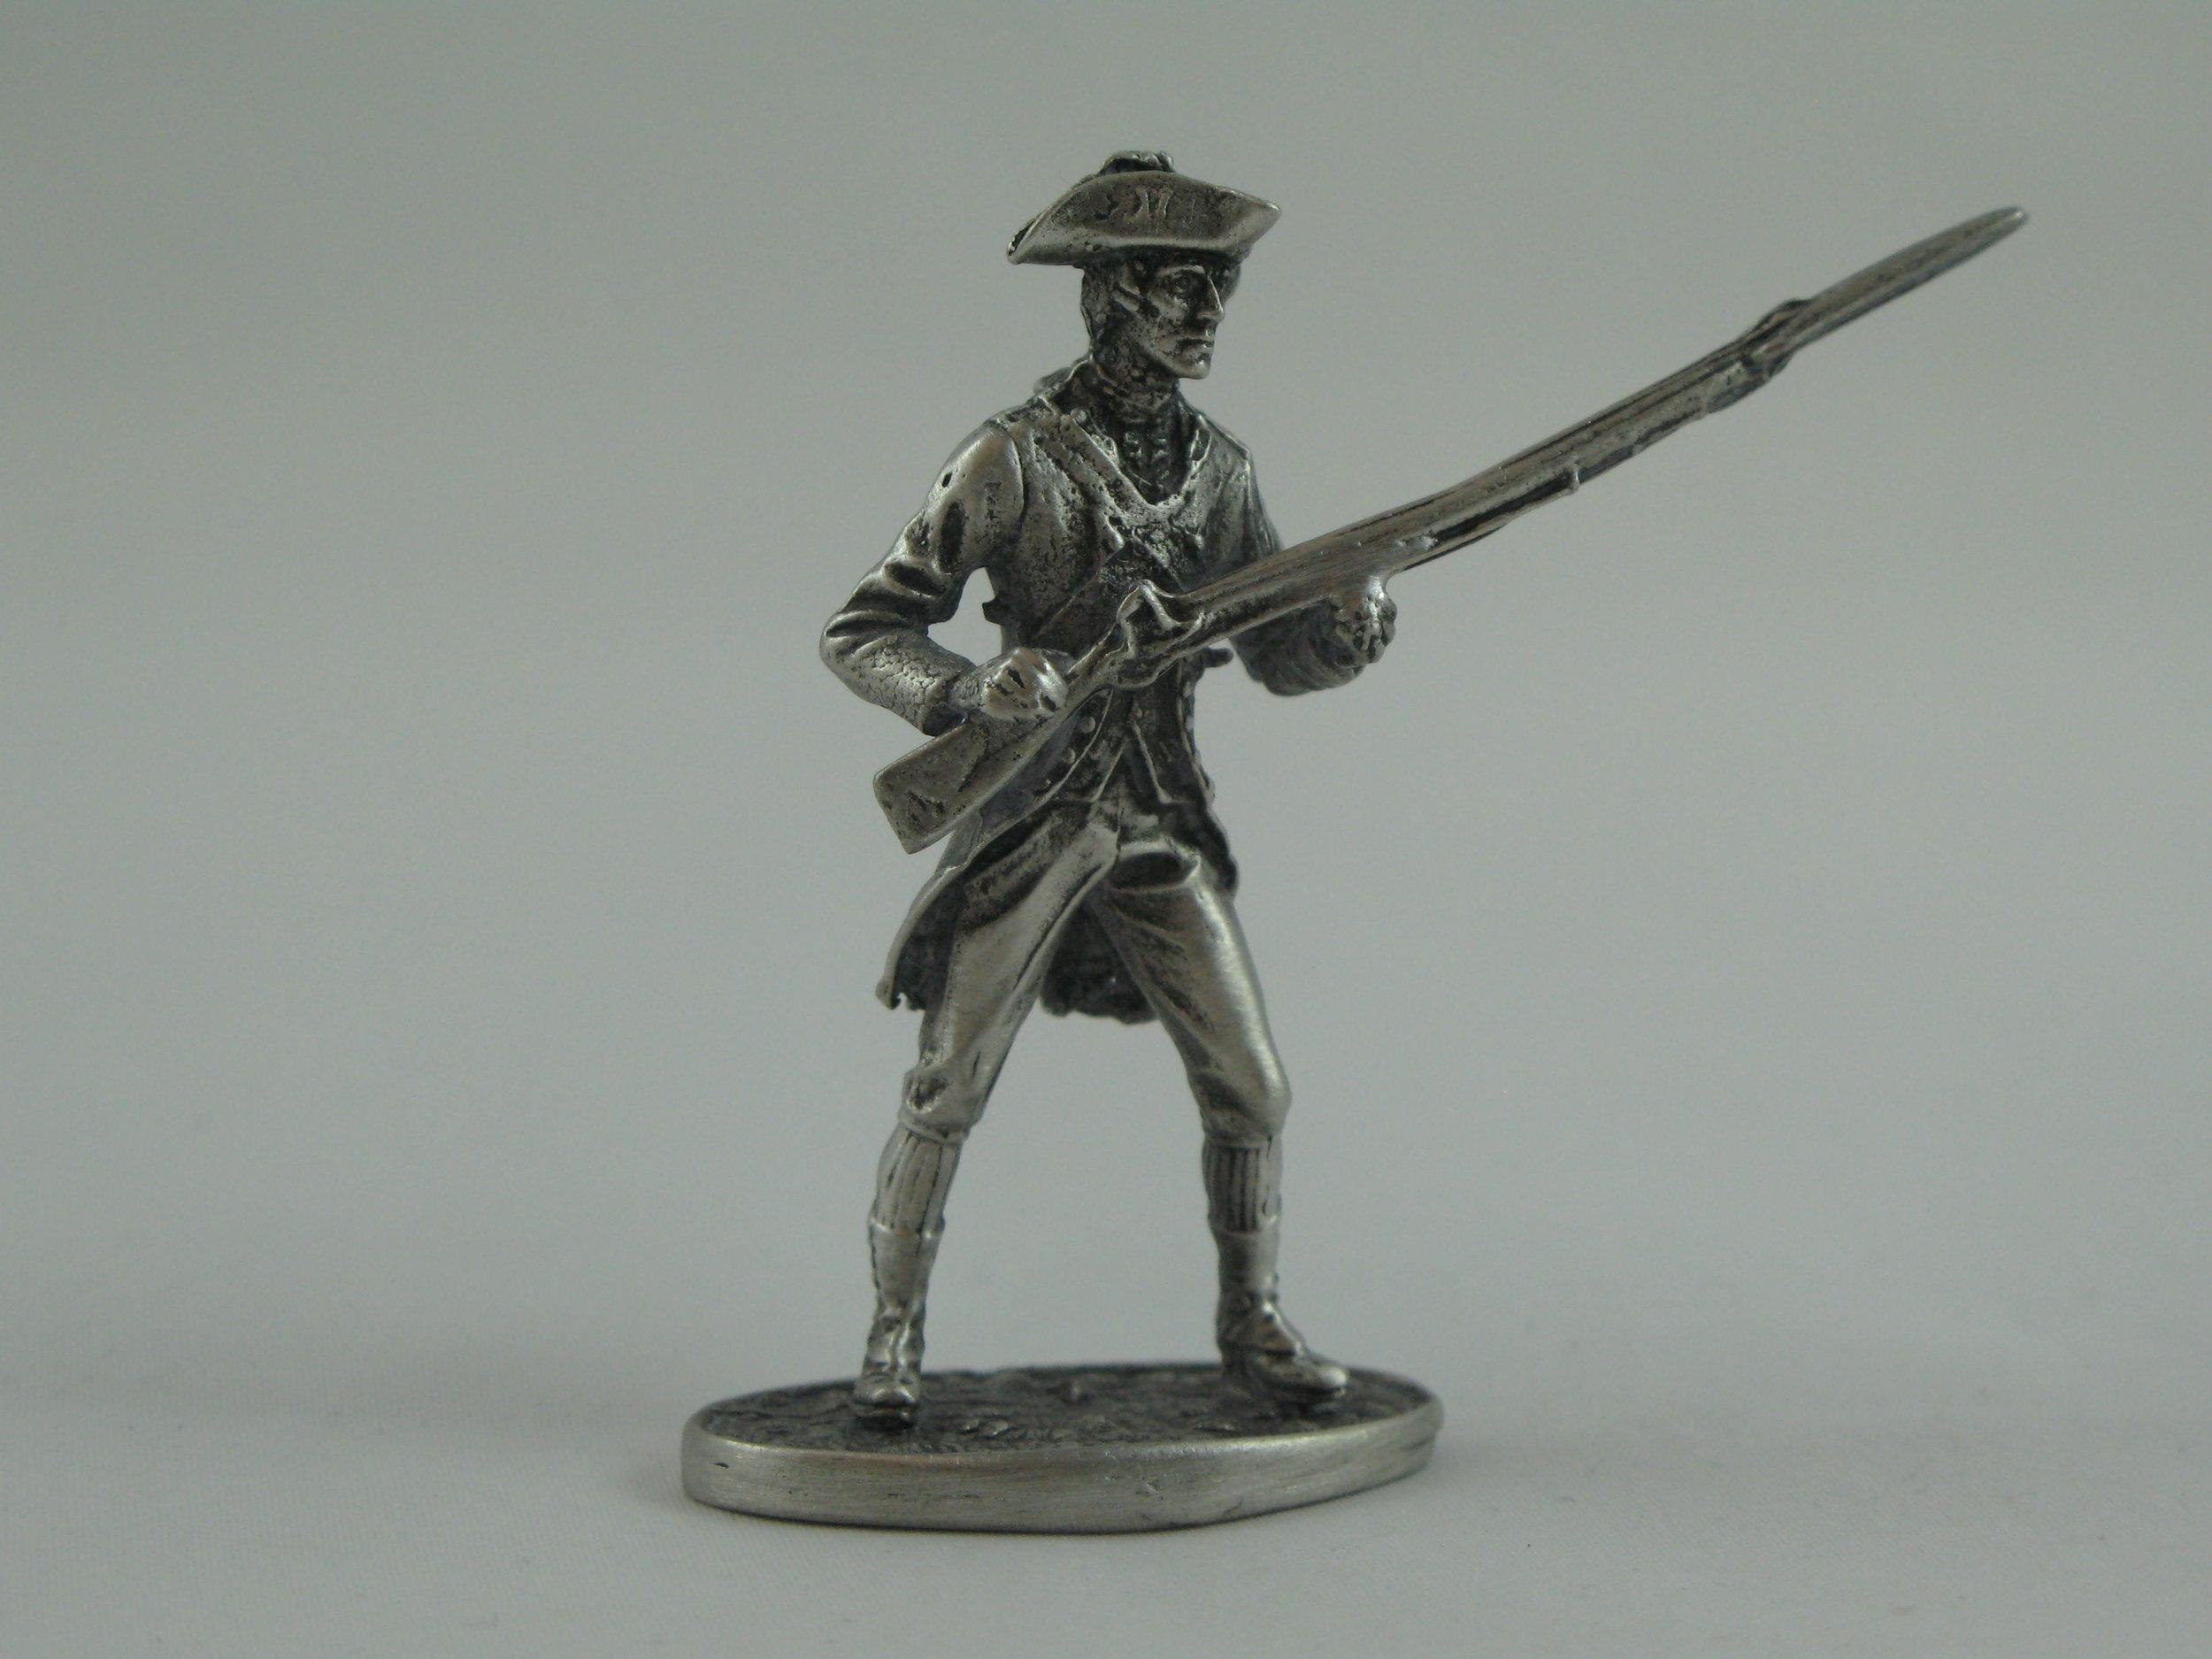 Rev Soldier Pewter Figure.JPG